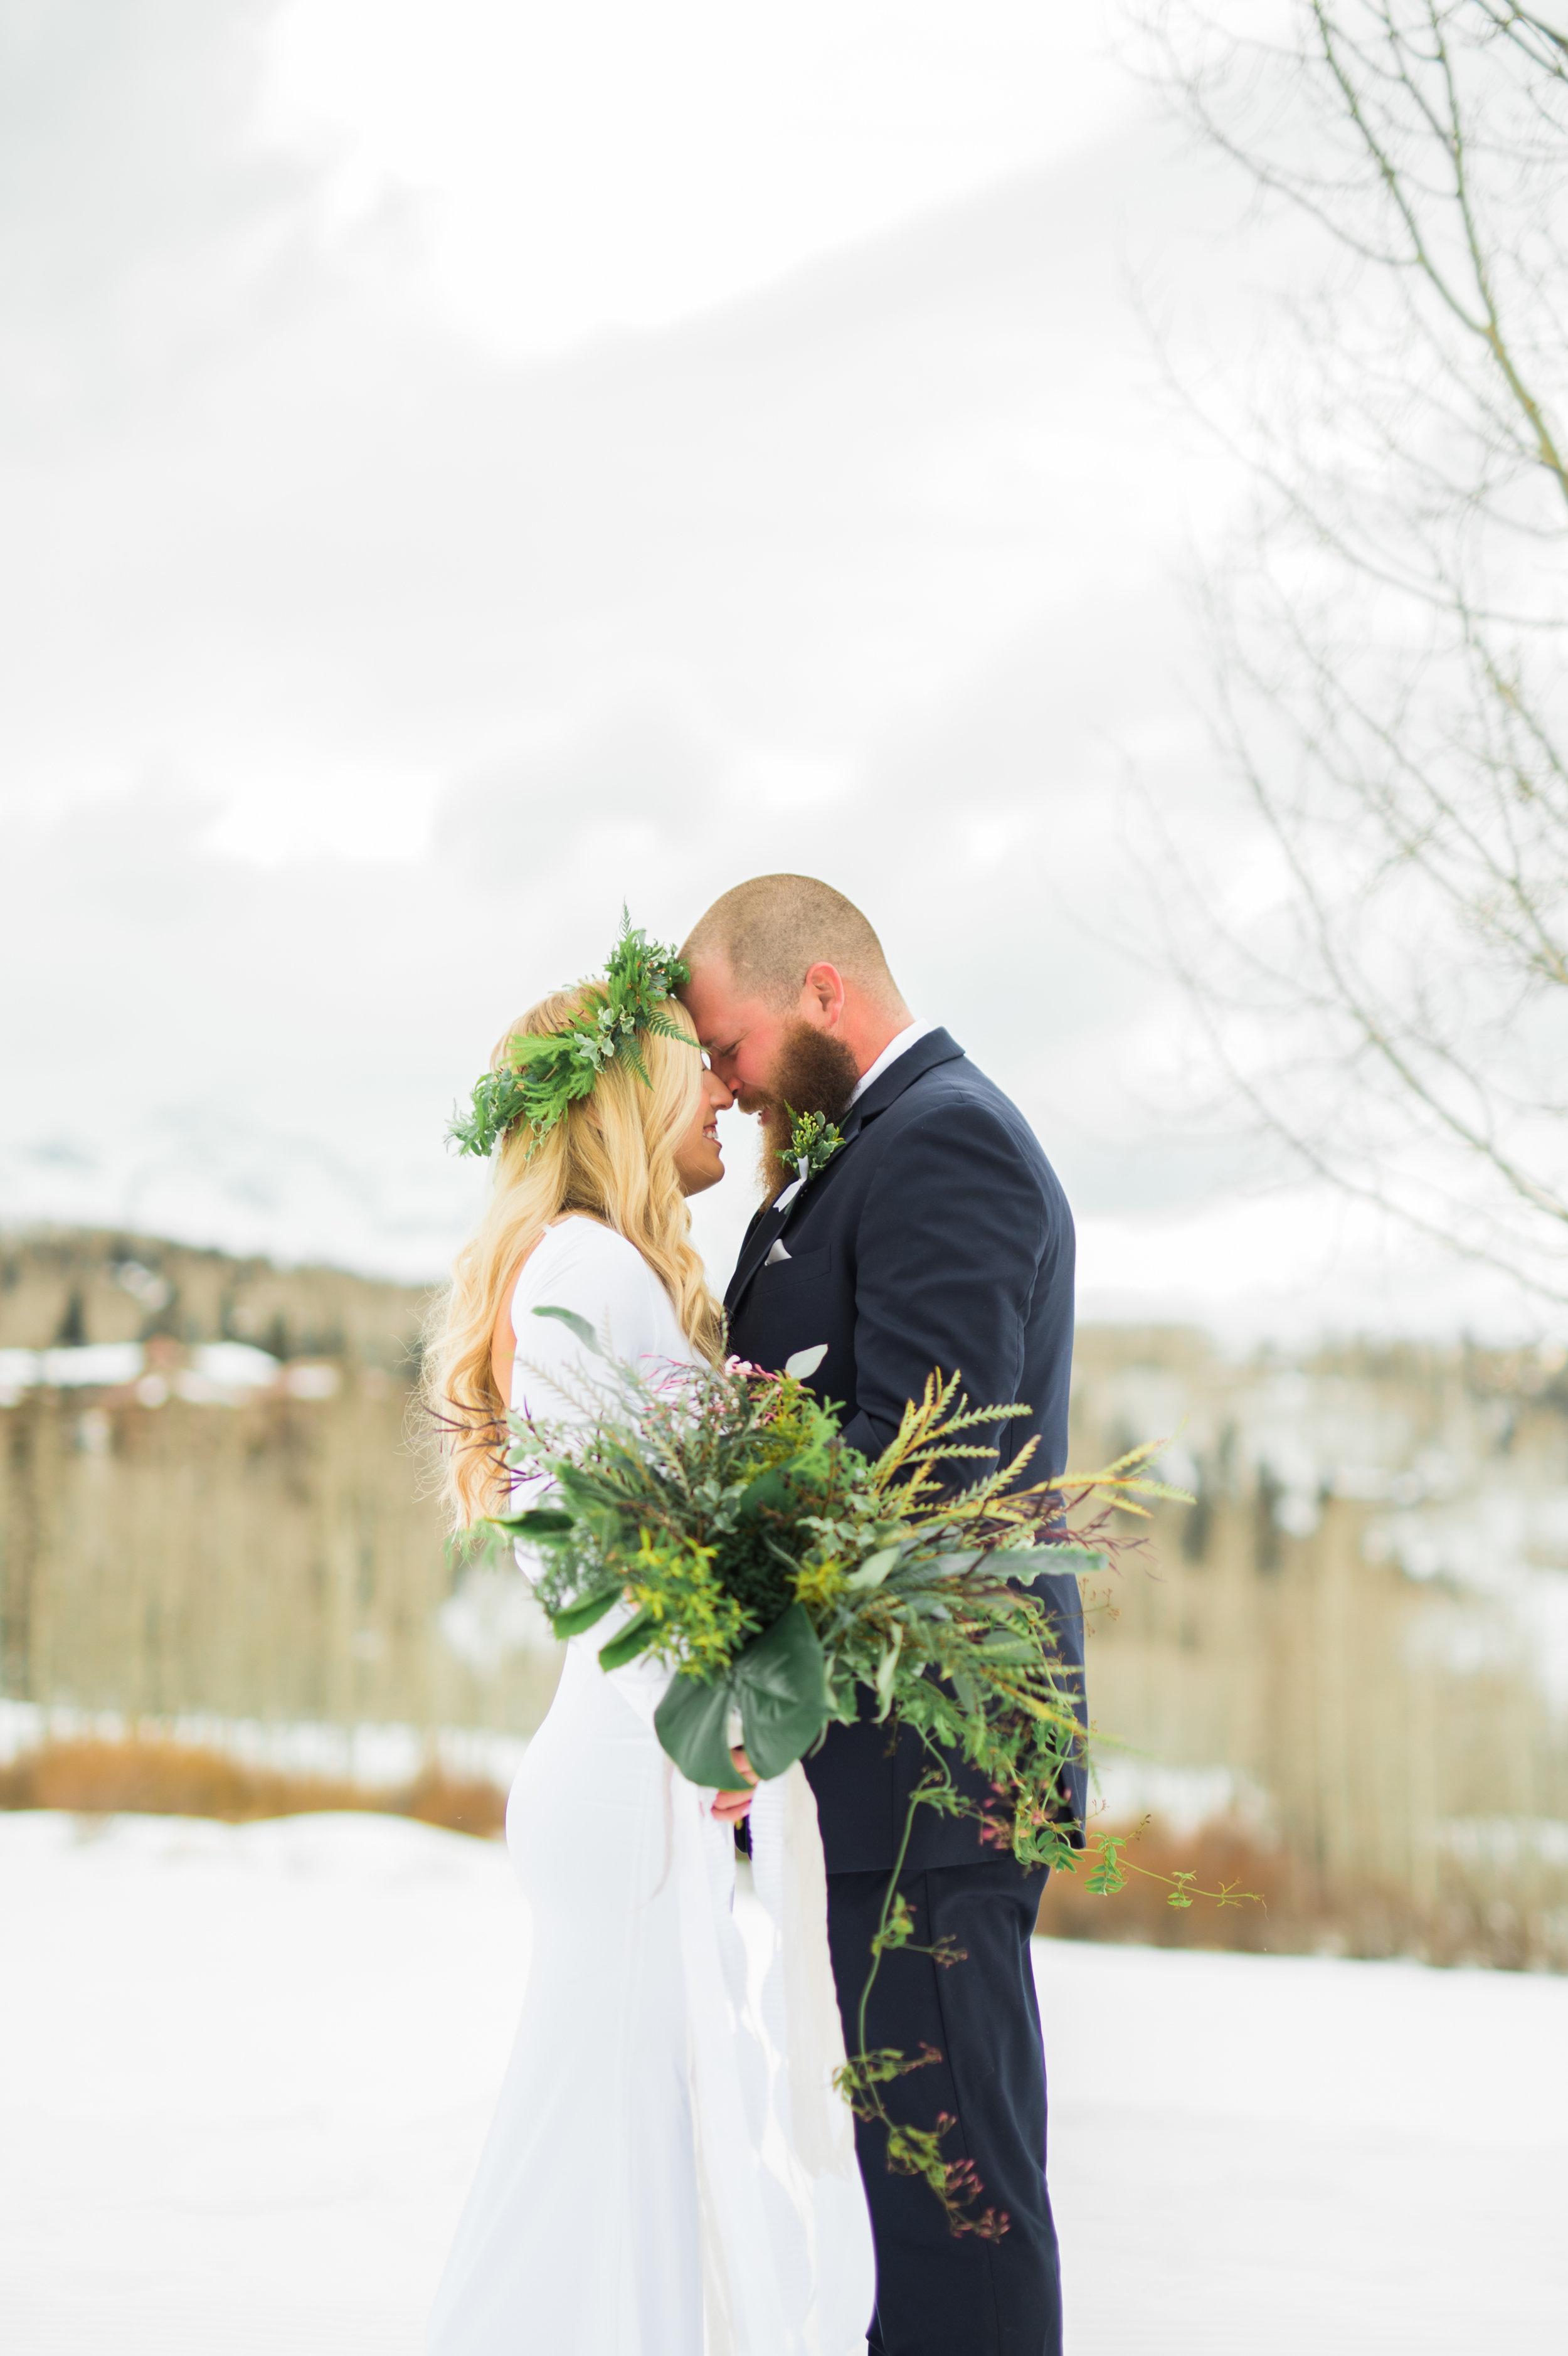 telluride snow wedding Parie designs green bouquet